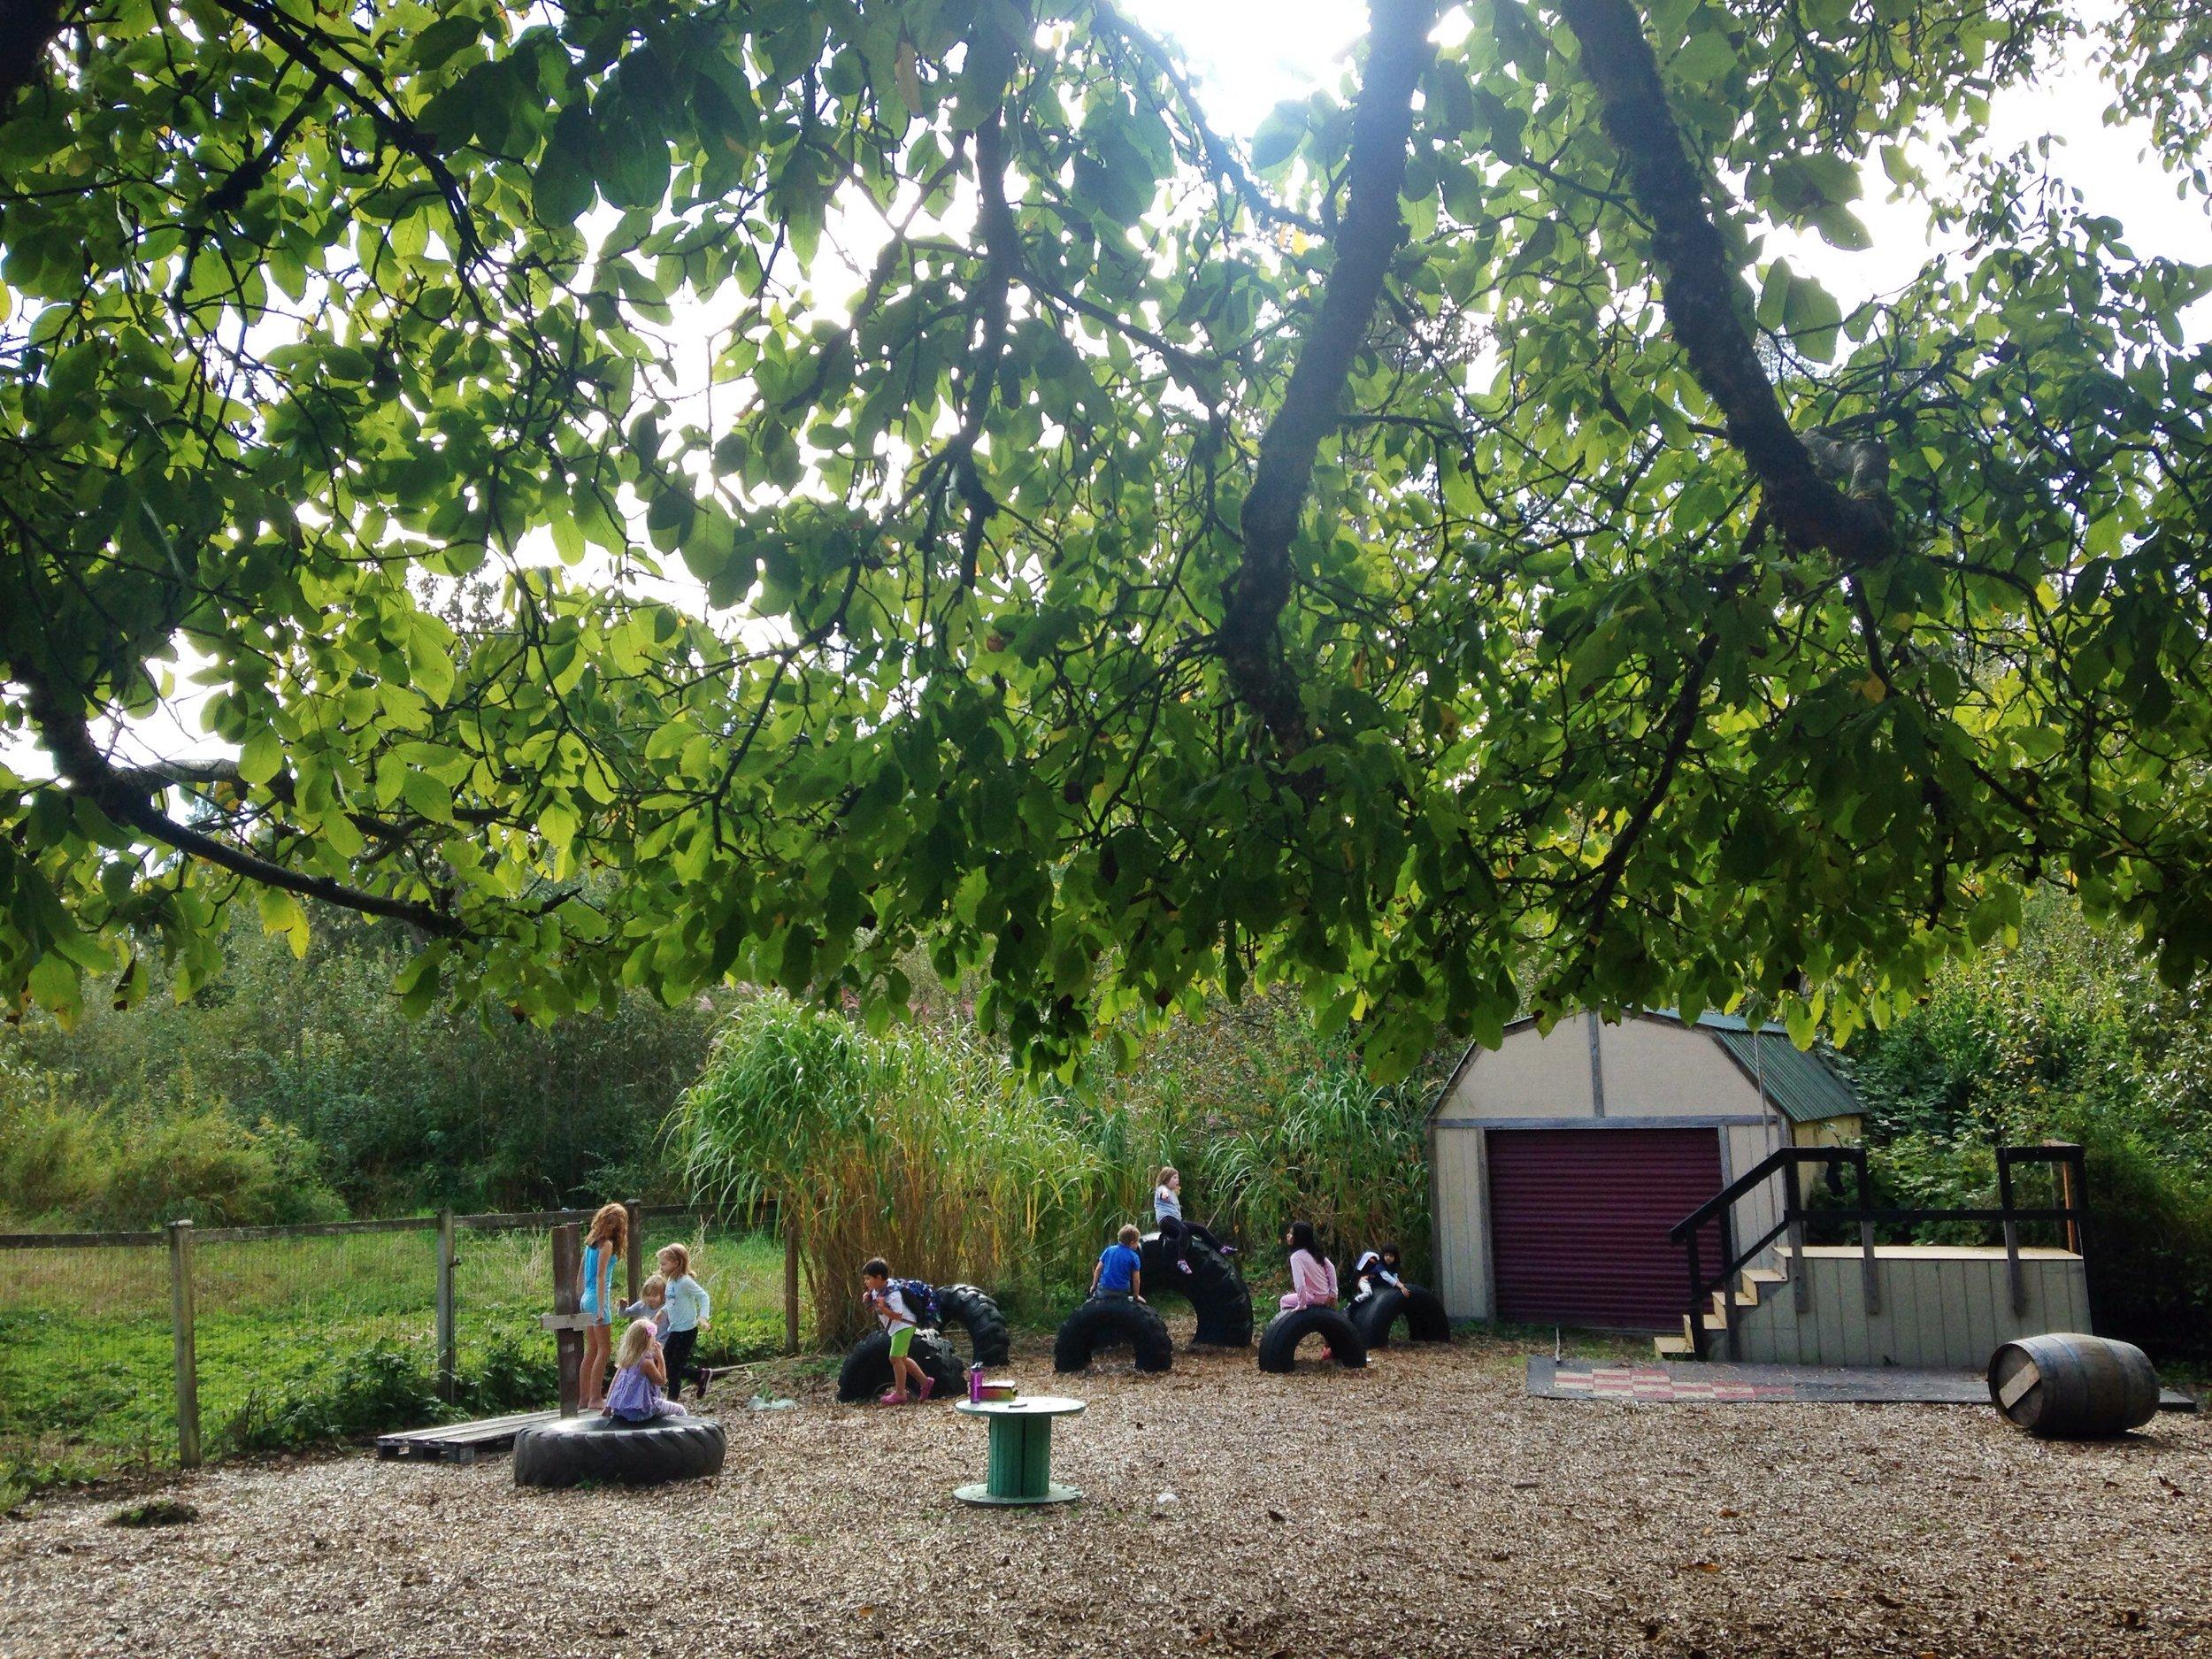 学生们在操场上玩耍,在木片上奔跑,或者坐在嵌在地上的轮胎上.